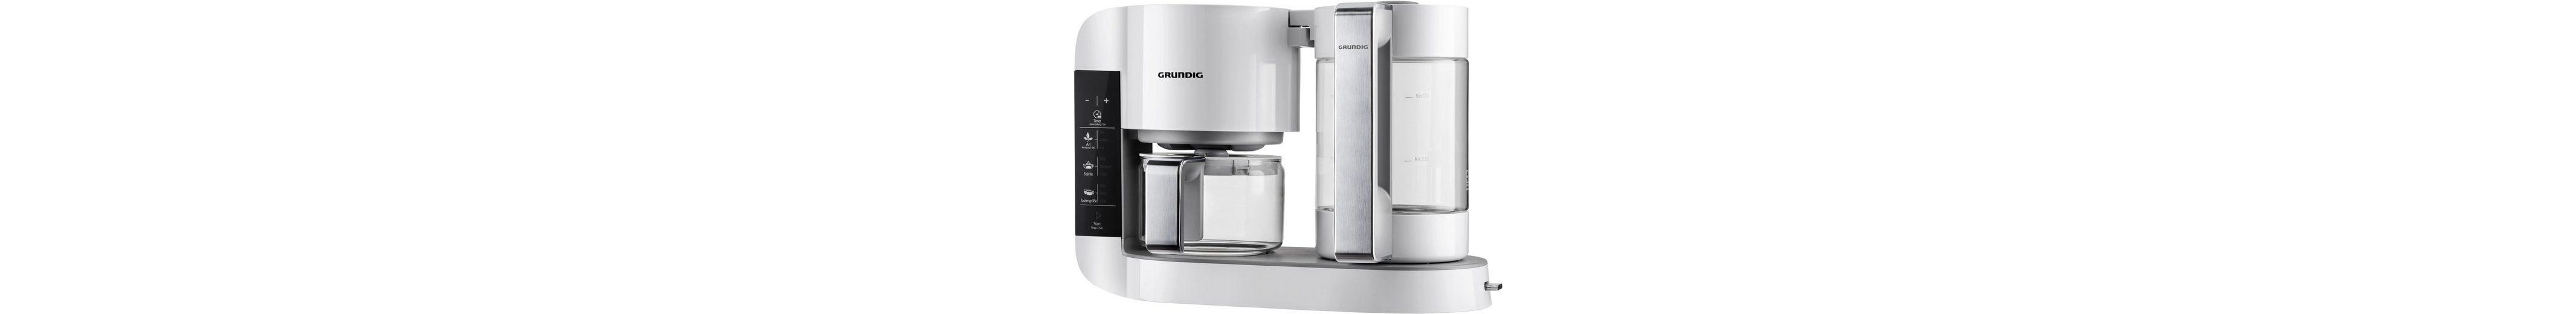 Grundig Gourmet Teebereiter TM 8280 w »WHITE SENSE«, 1,7 Liter, 1750 Watt, Weiß-Edelstahl